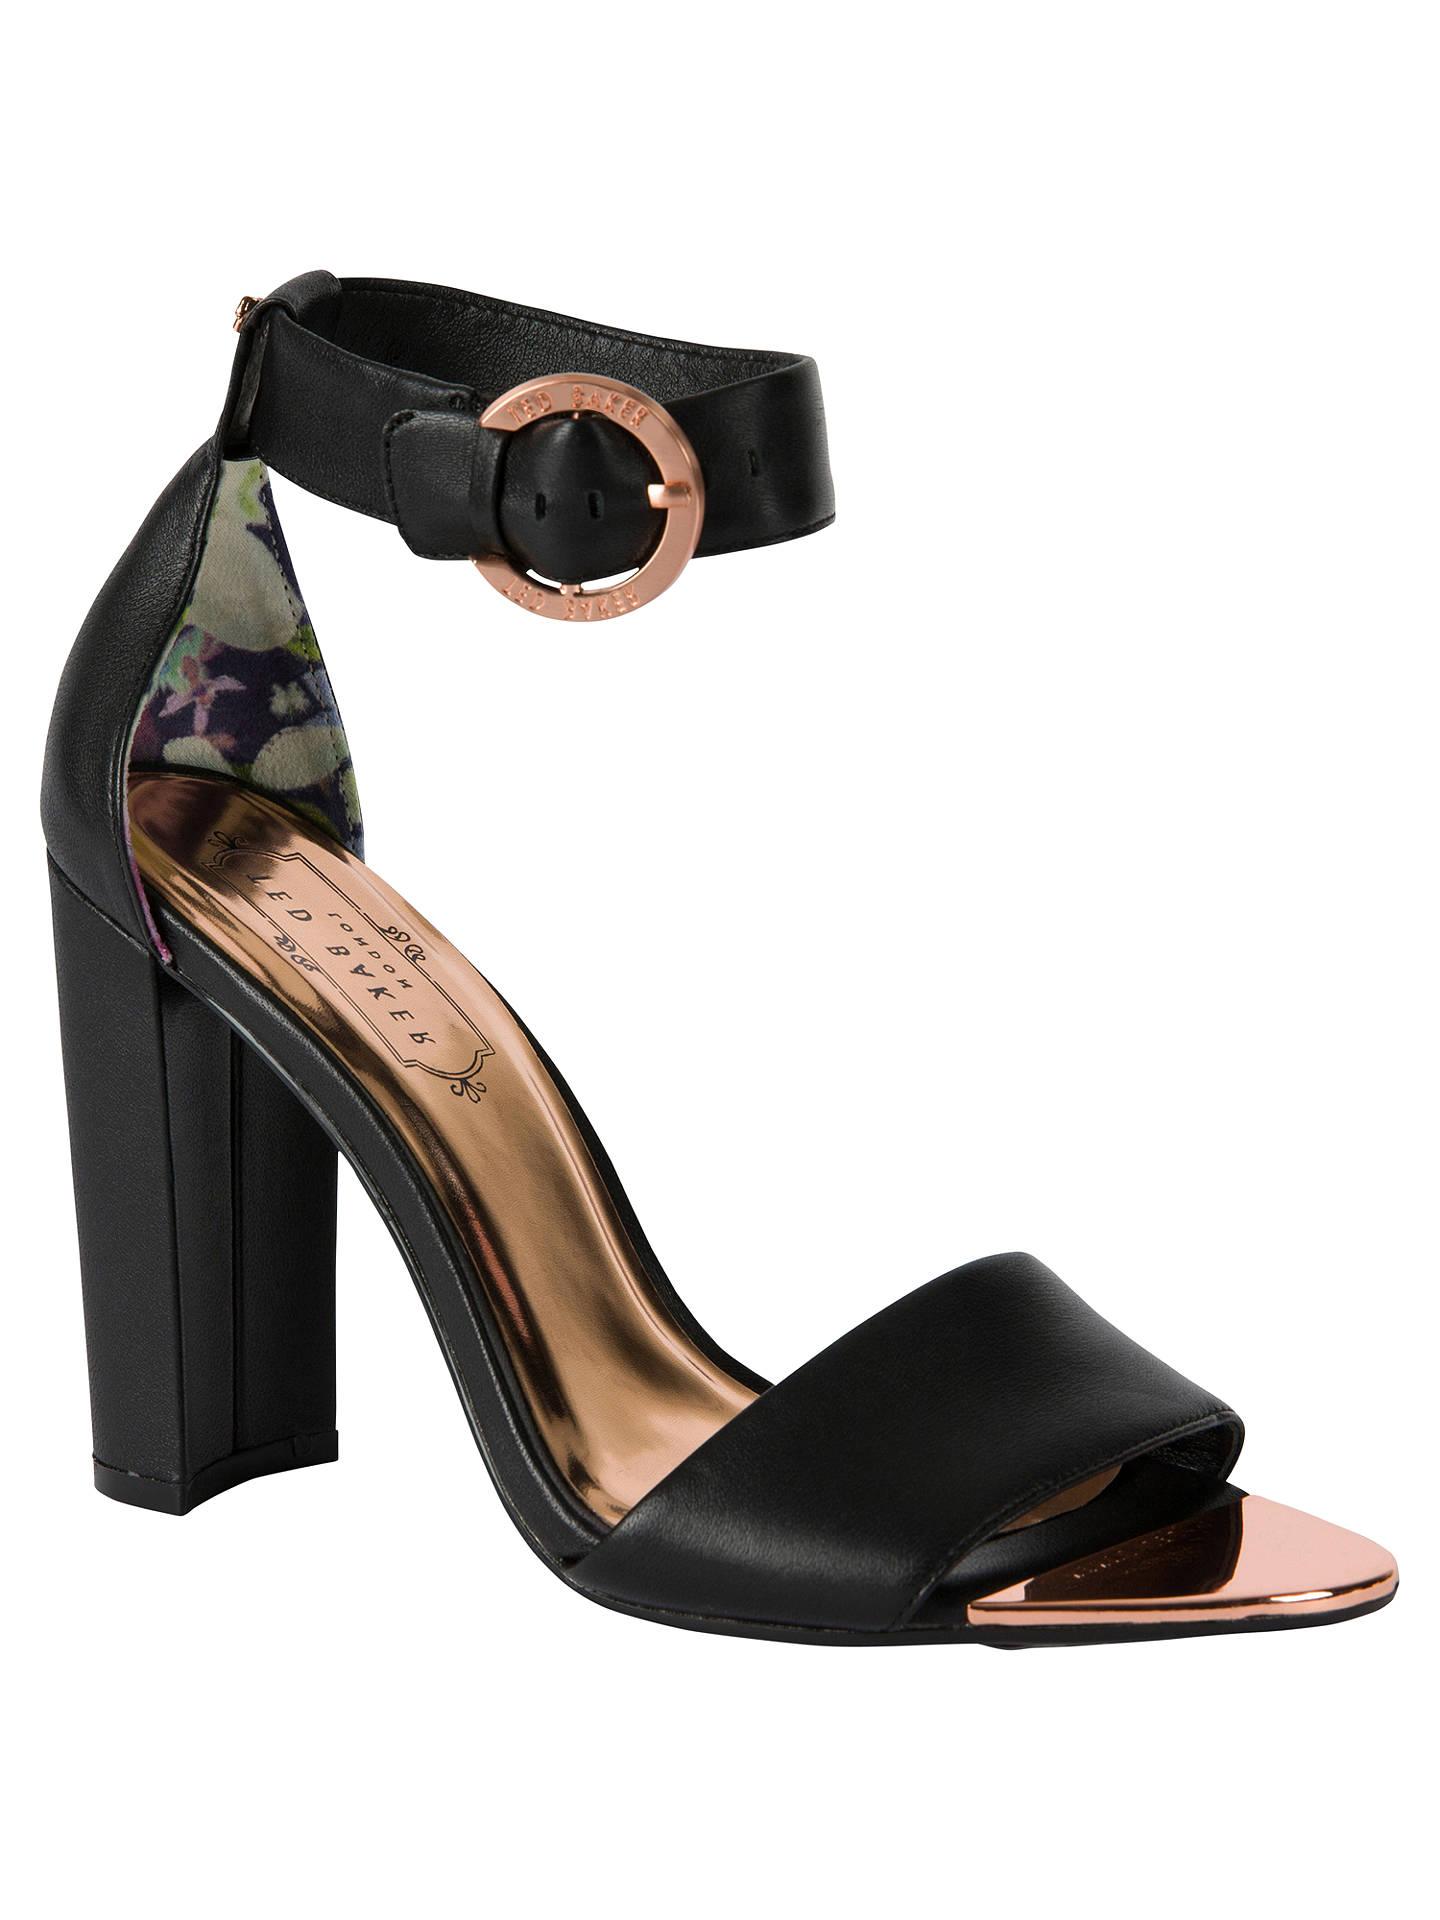 5361cd26102b Buy Ted Baker Secoa 2 Block Heel Sandals